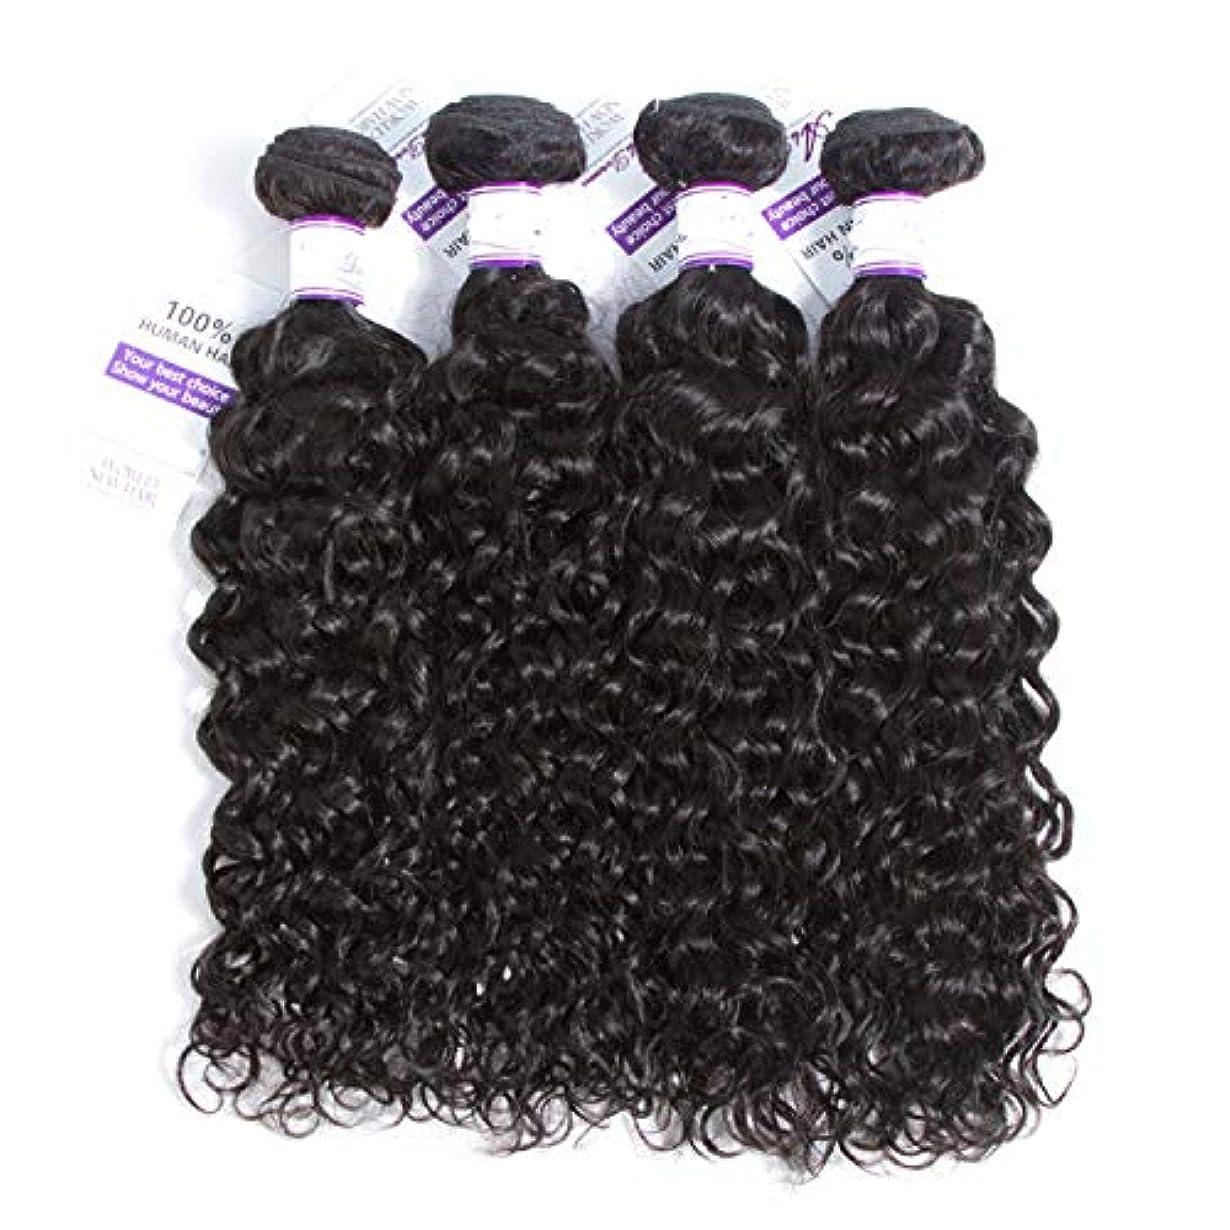 会員刻むフックマレーシアの水の波髪4個人間の髪の毛の束非レミーの毛延長ナチュラルブラック (Length : 26 26 28 28)